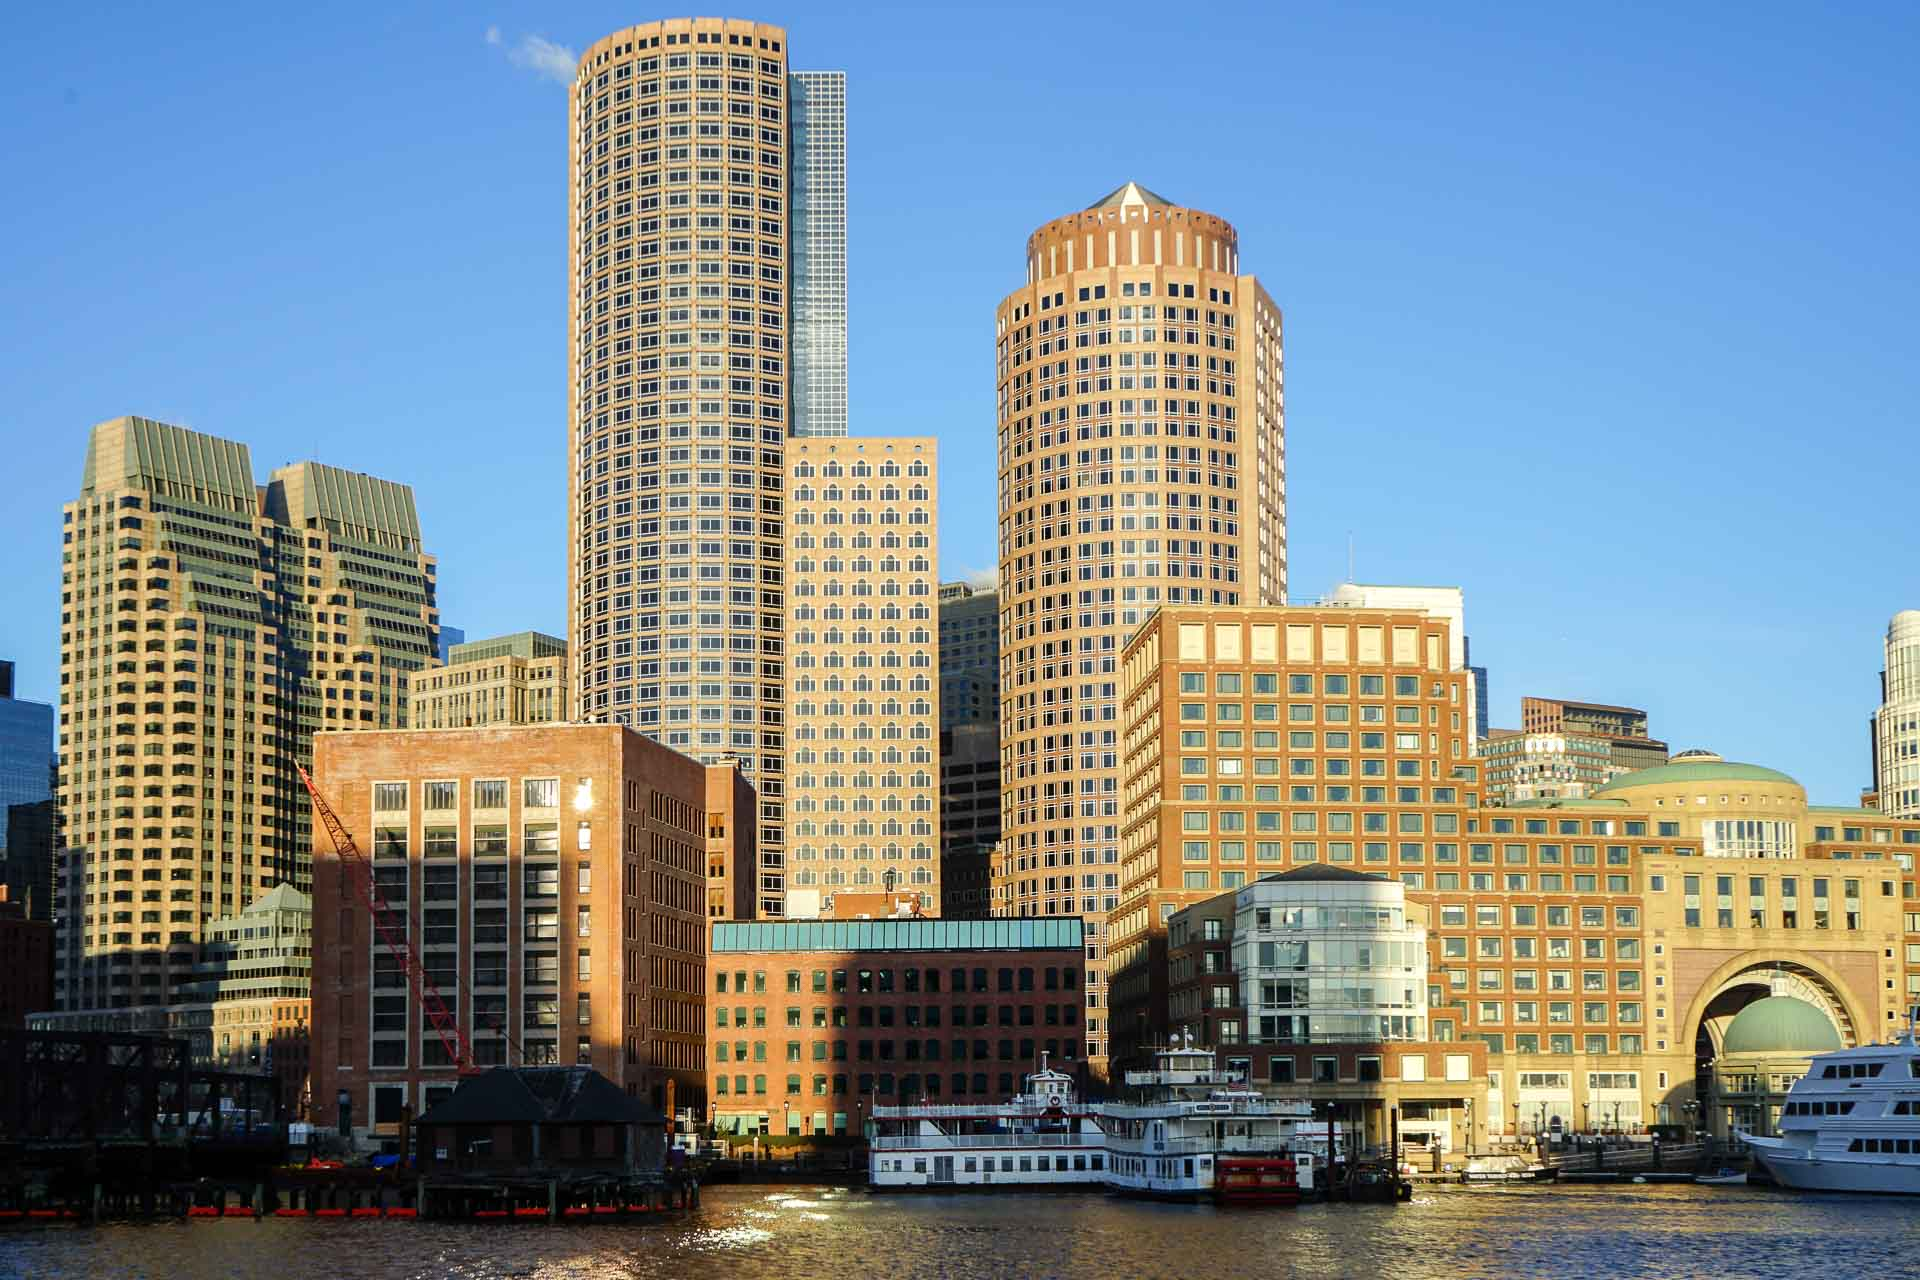 Ville emblématique de Nouvelle-Angleterre, Boston est l'une des principales métropoles de la Côte Est américaine. On vous propose de la découvrir de manière express à travers ses meilleures adresses et ses visites incontournables.